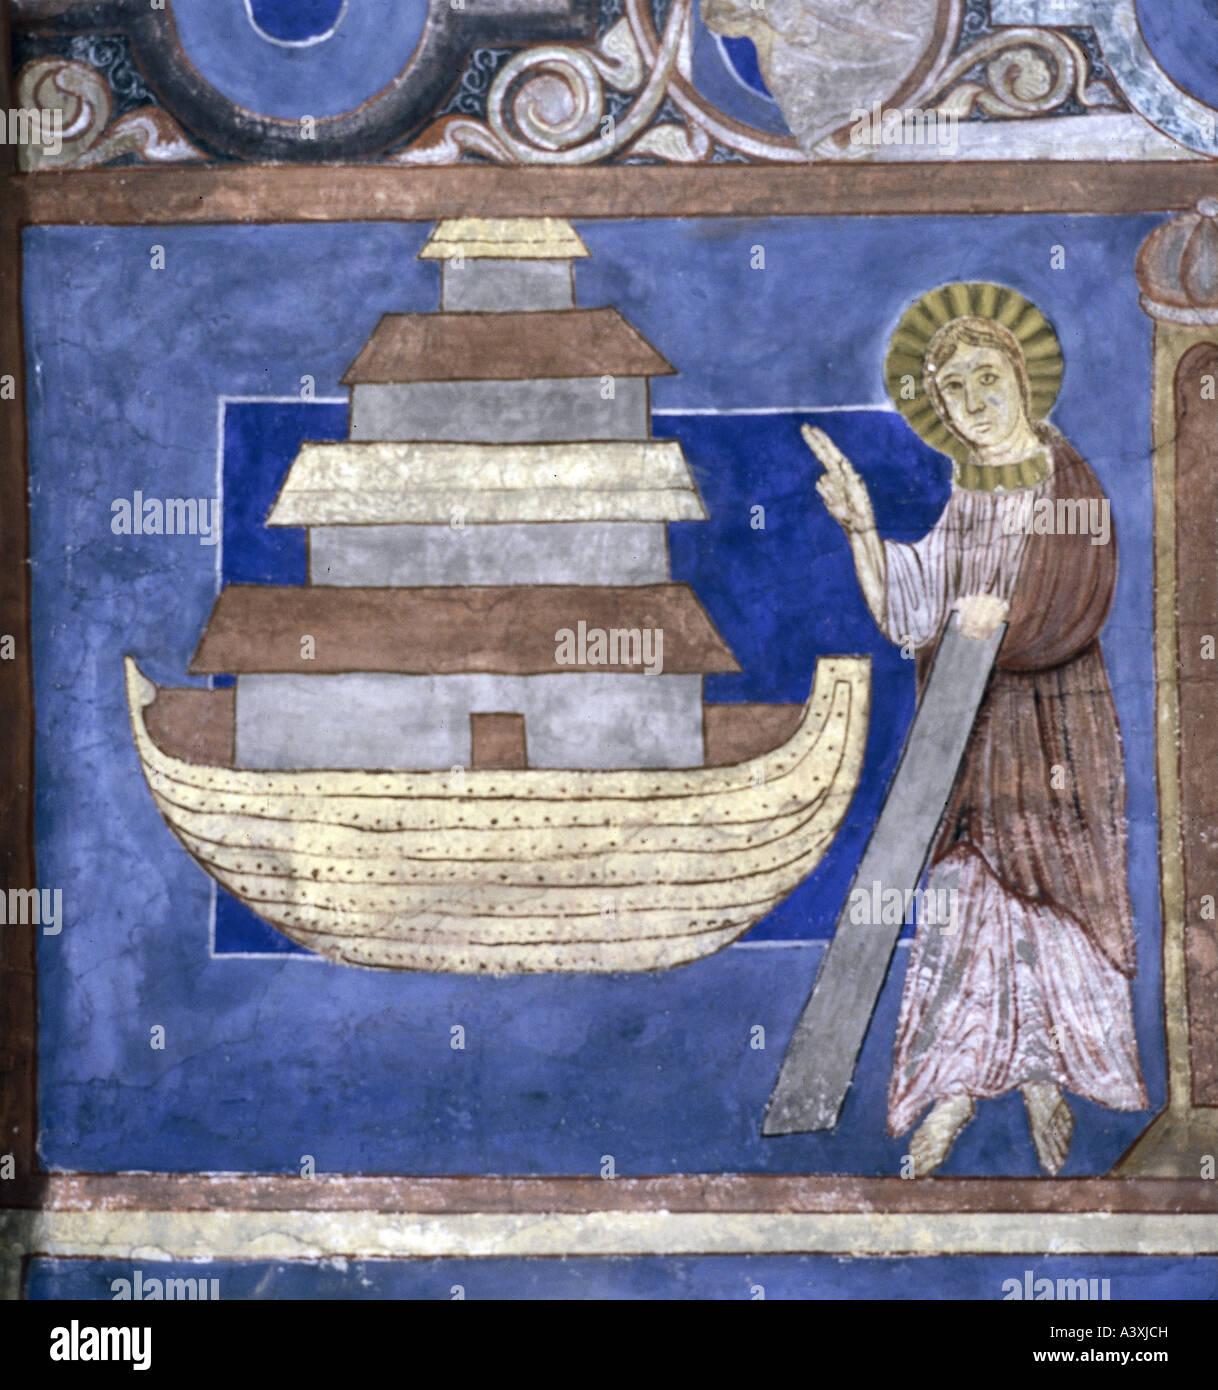 Belle arti, l'arte religiosa, scene bibliche, Noah 's arca, pittura, affresco del XIII secolo, Chiesa di Immagini Stock